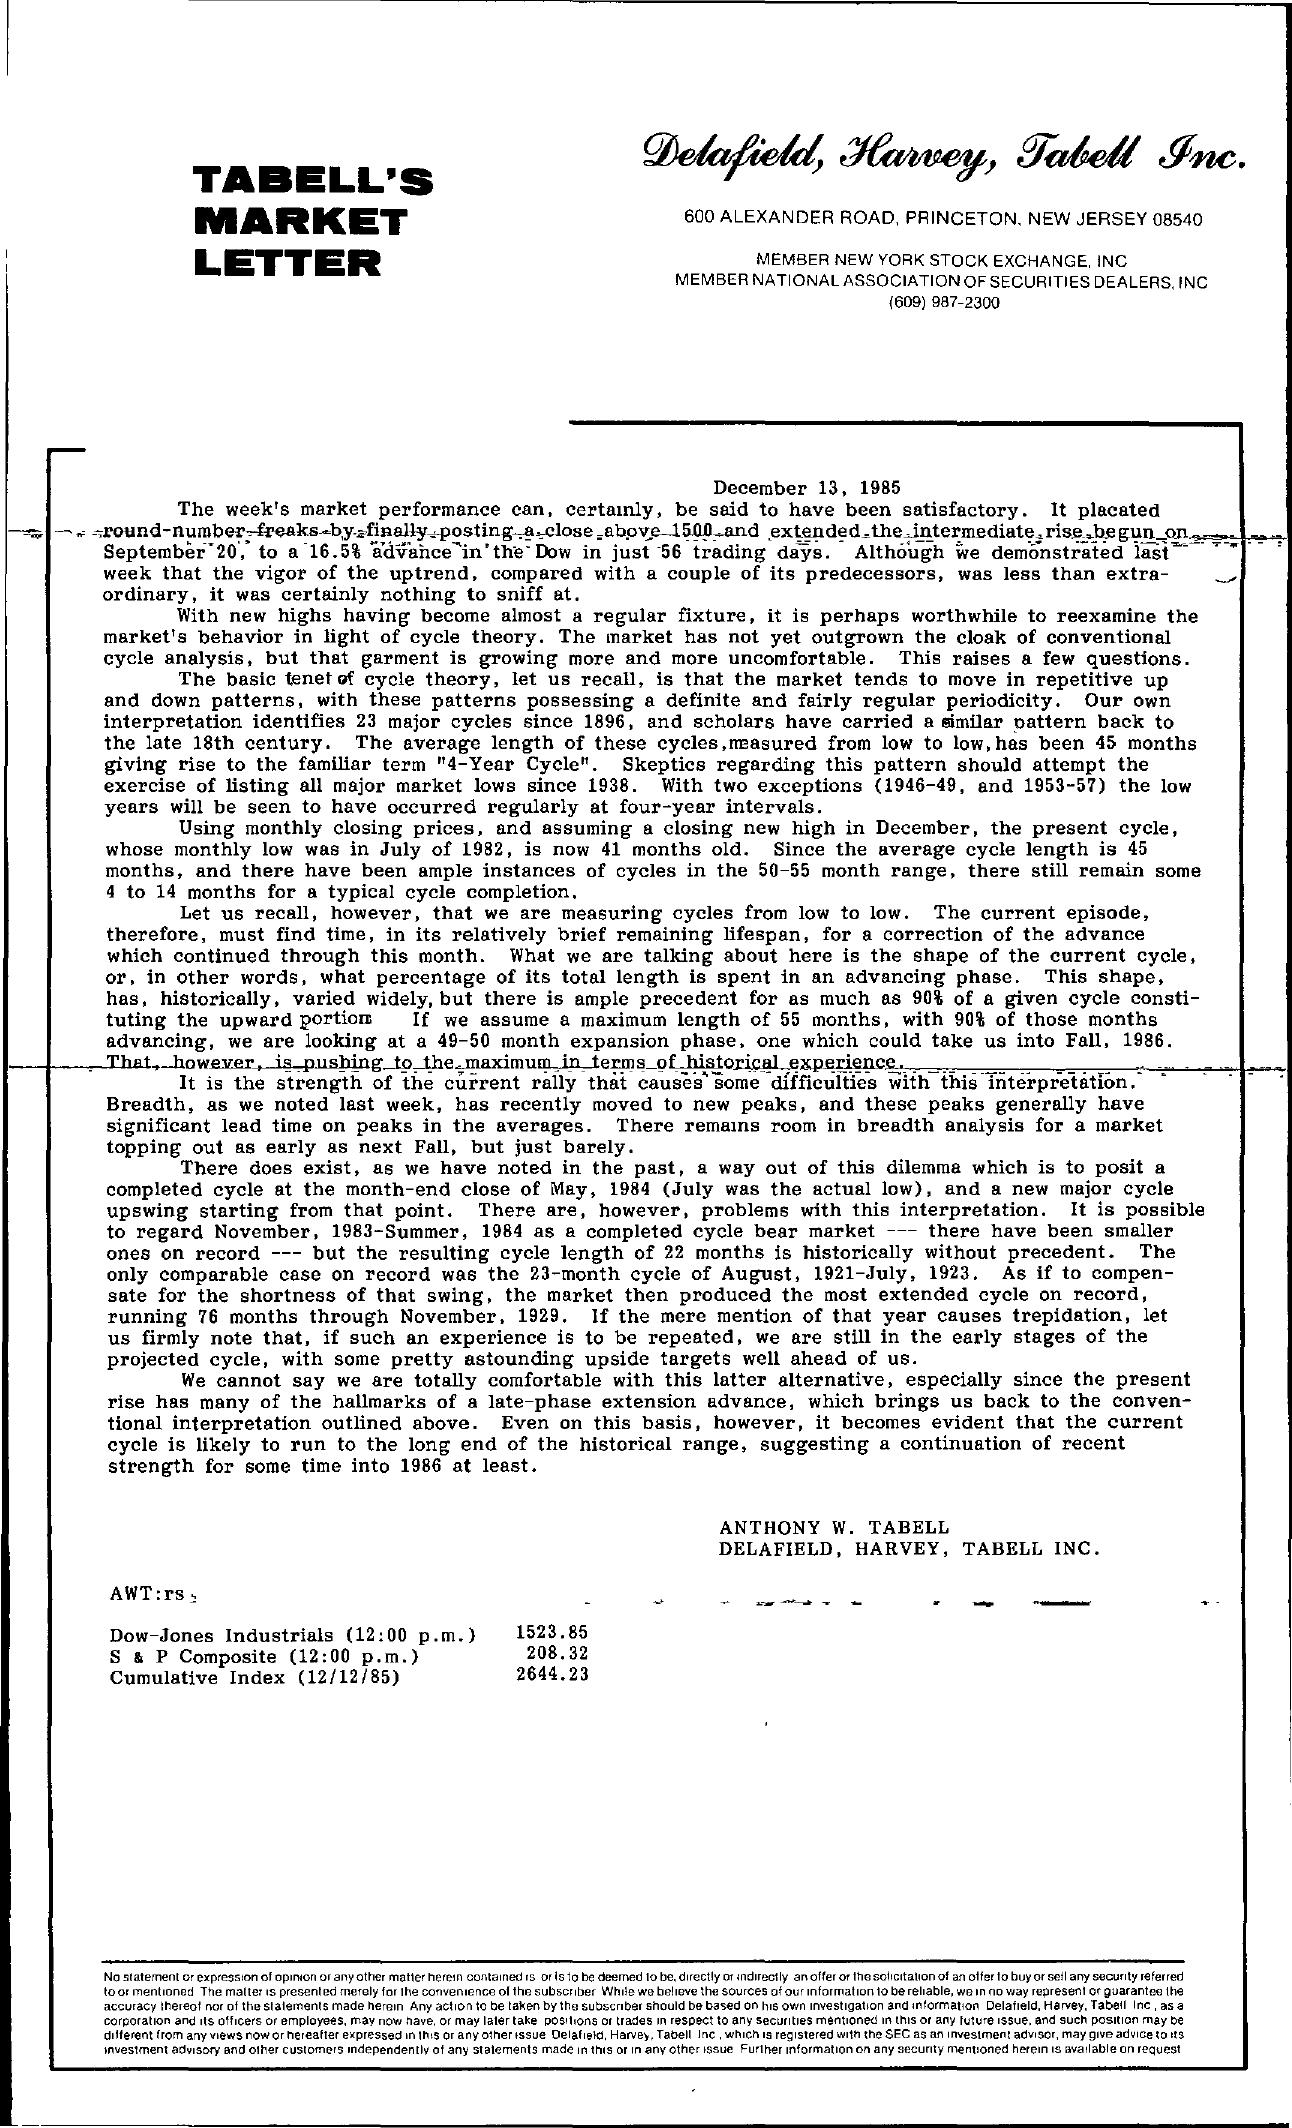 Tabell's Market Letter - December 13, 1985